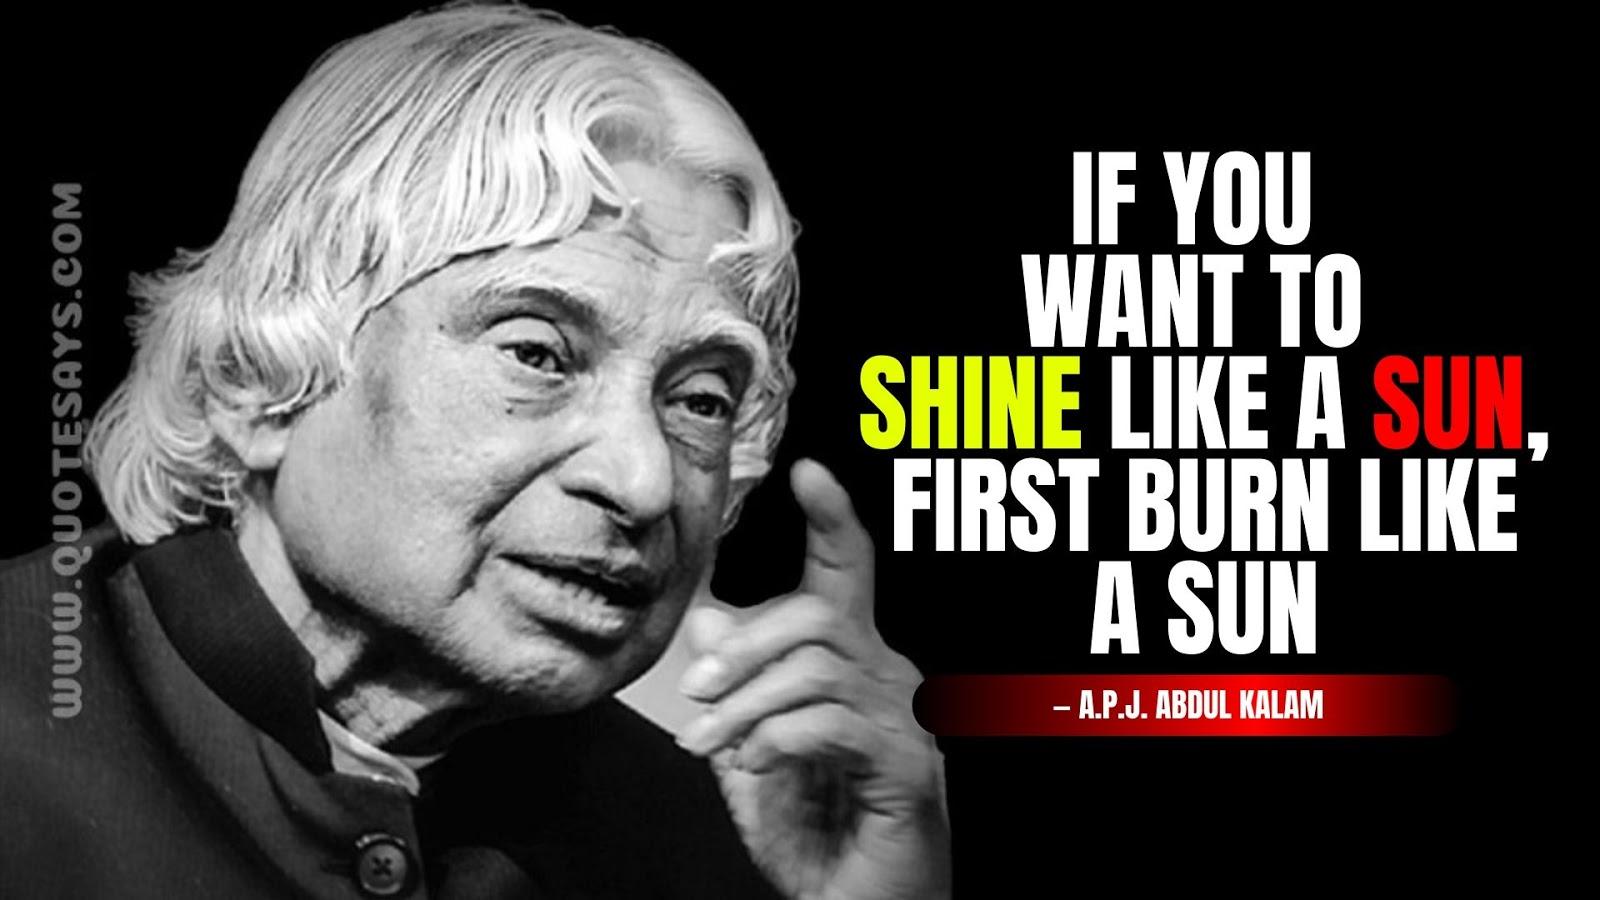 Apj Abdul Kalam Quote of Sun